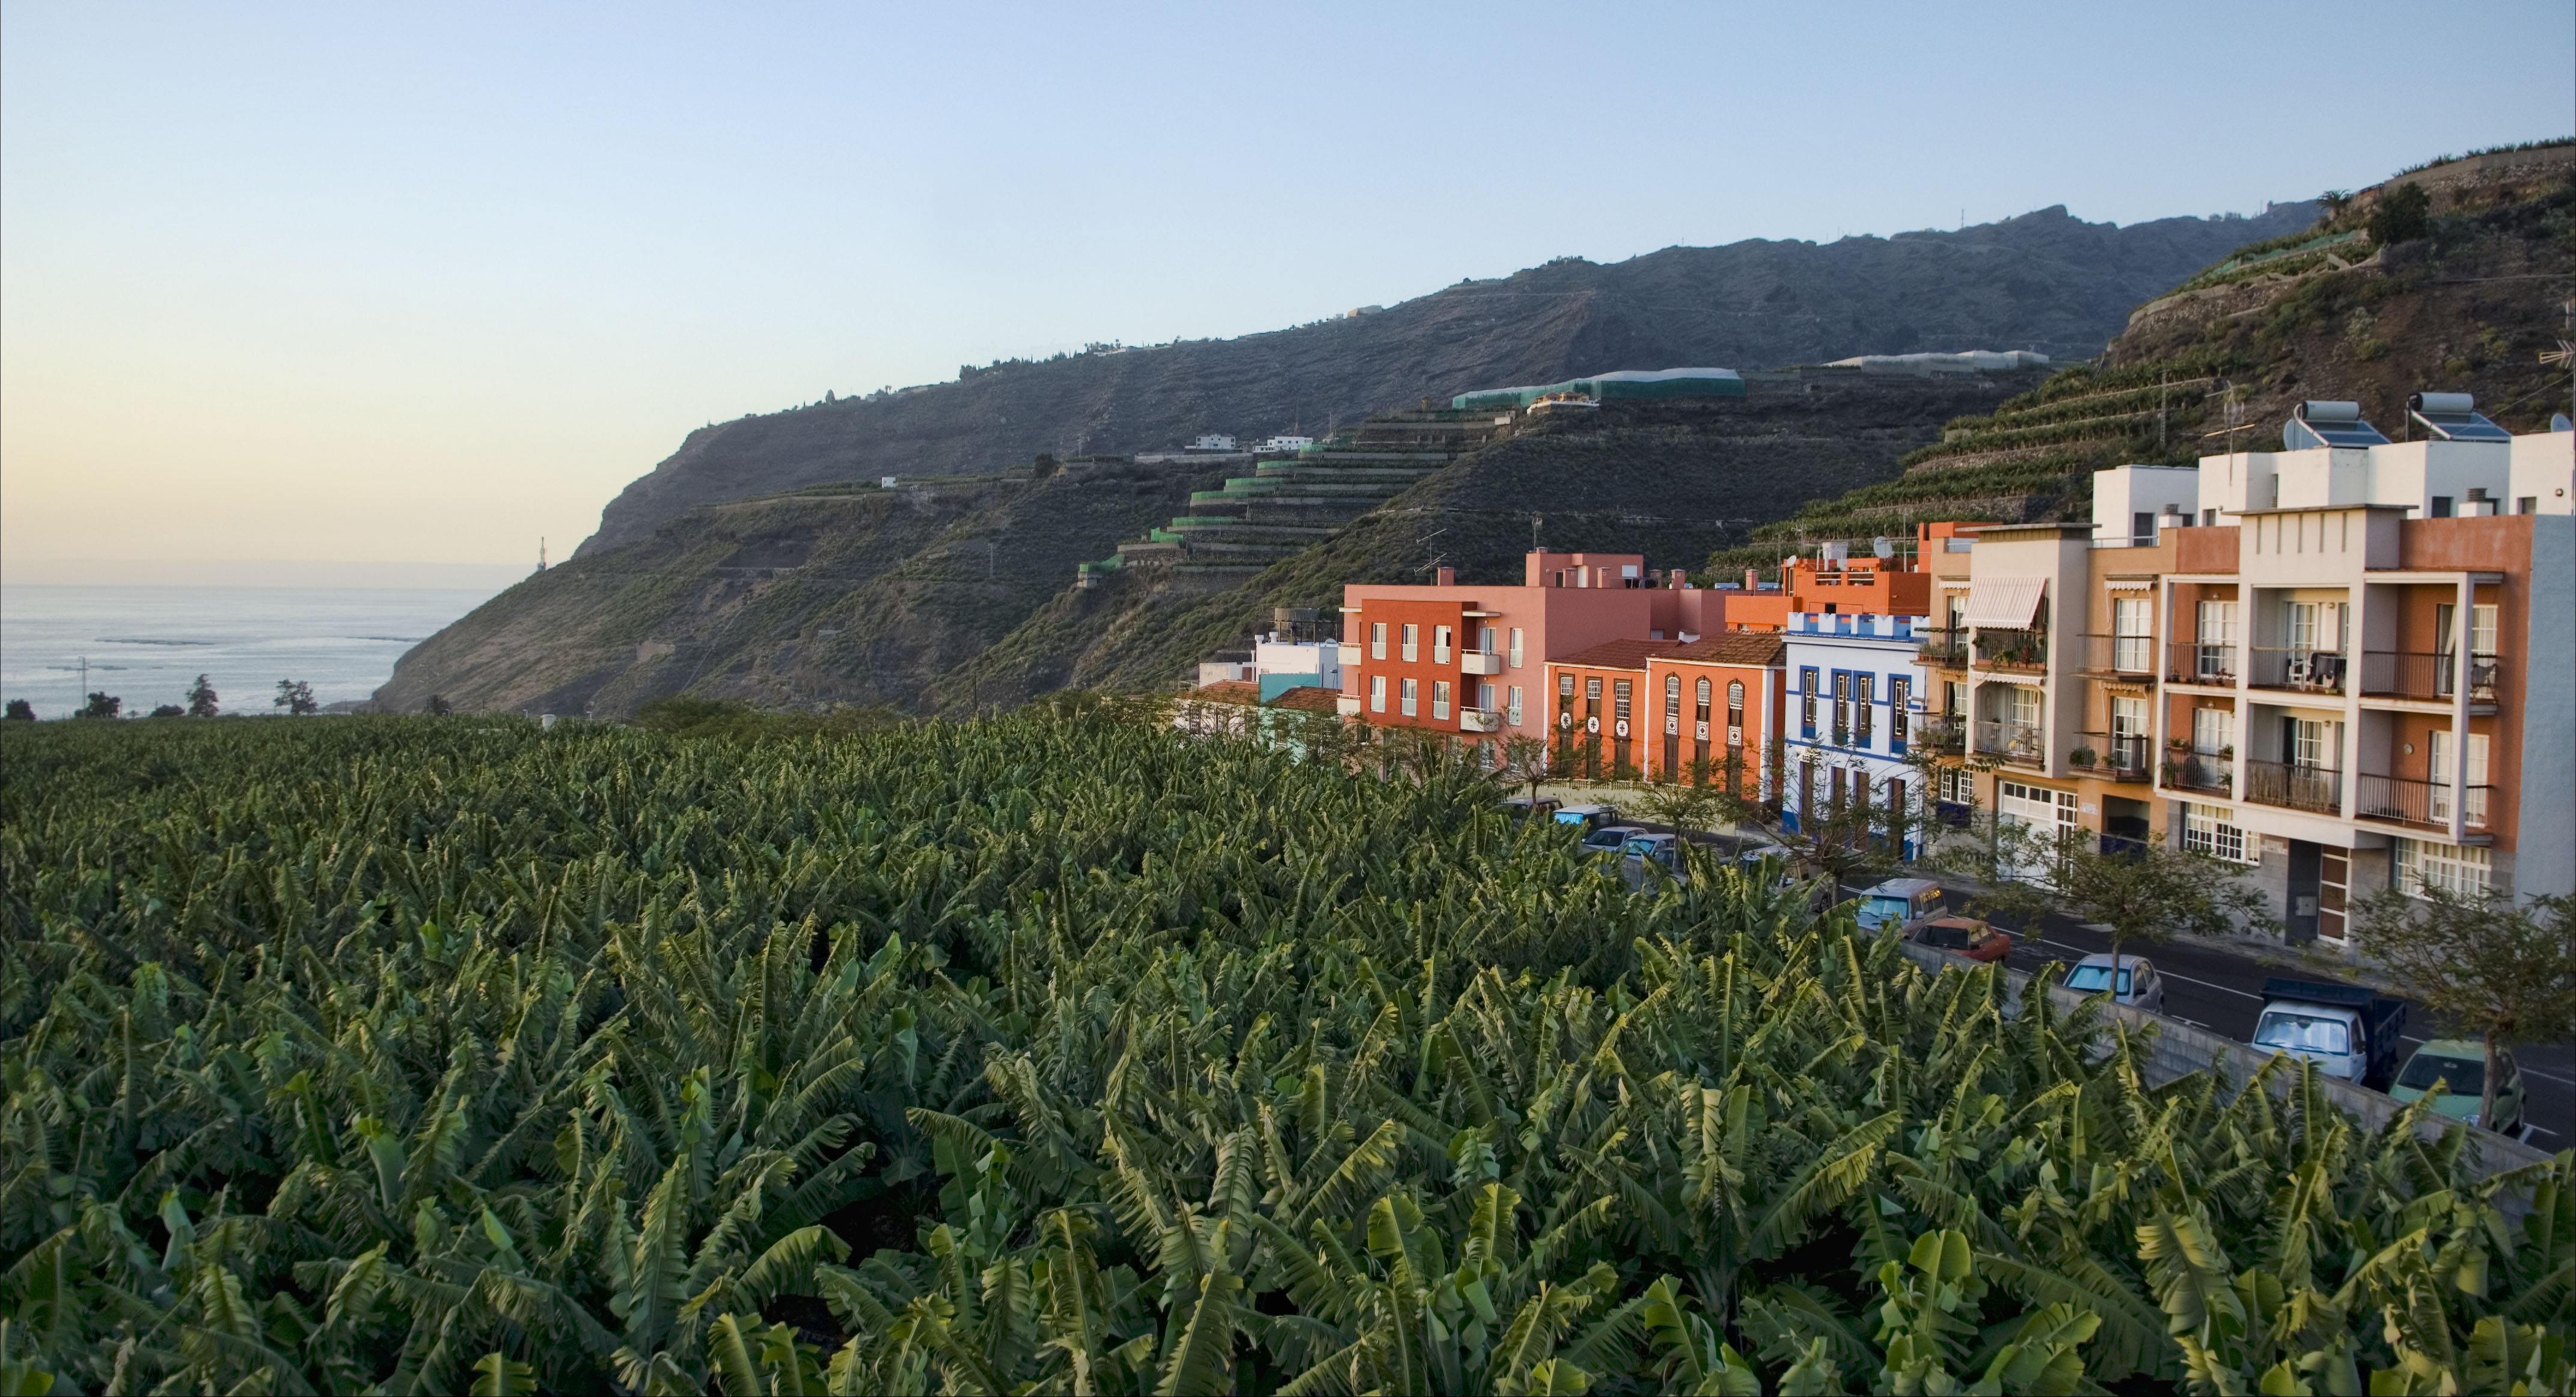 Visit La Palma - Villa y Puerto de Tazacorte